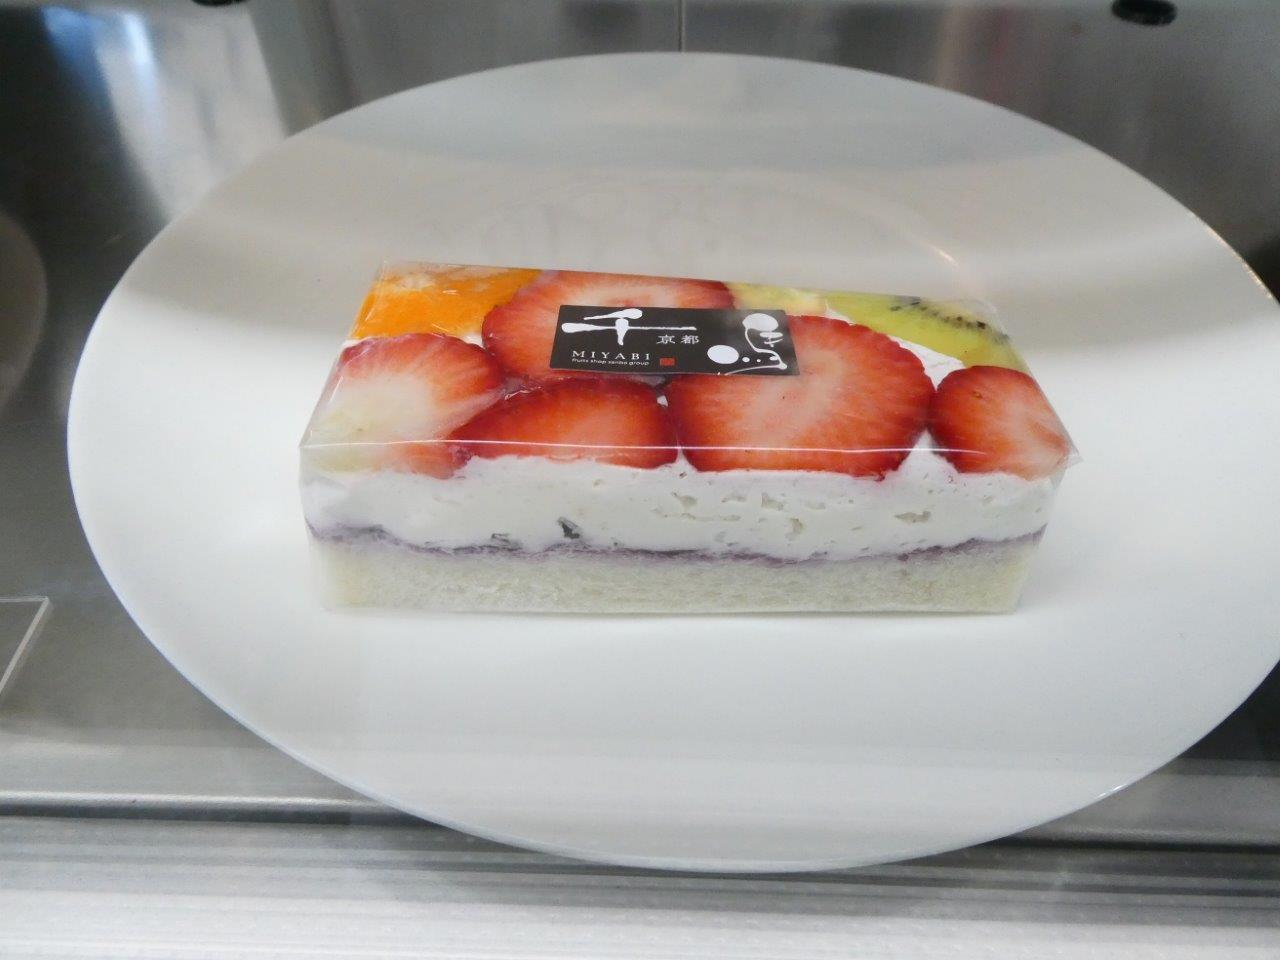 千馬ミヤビ (Miyabi)果物に精通した_d0106134_15594582.jpg